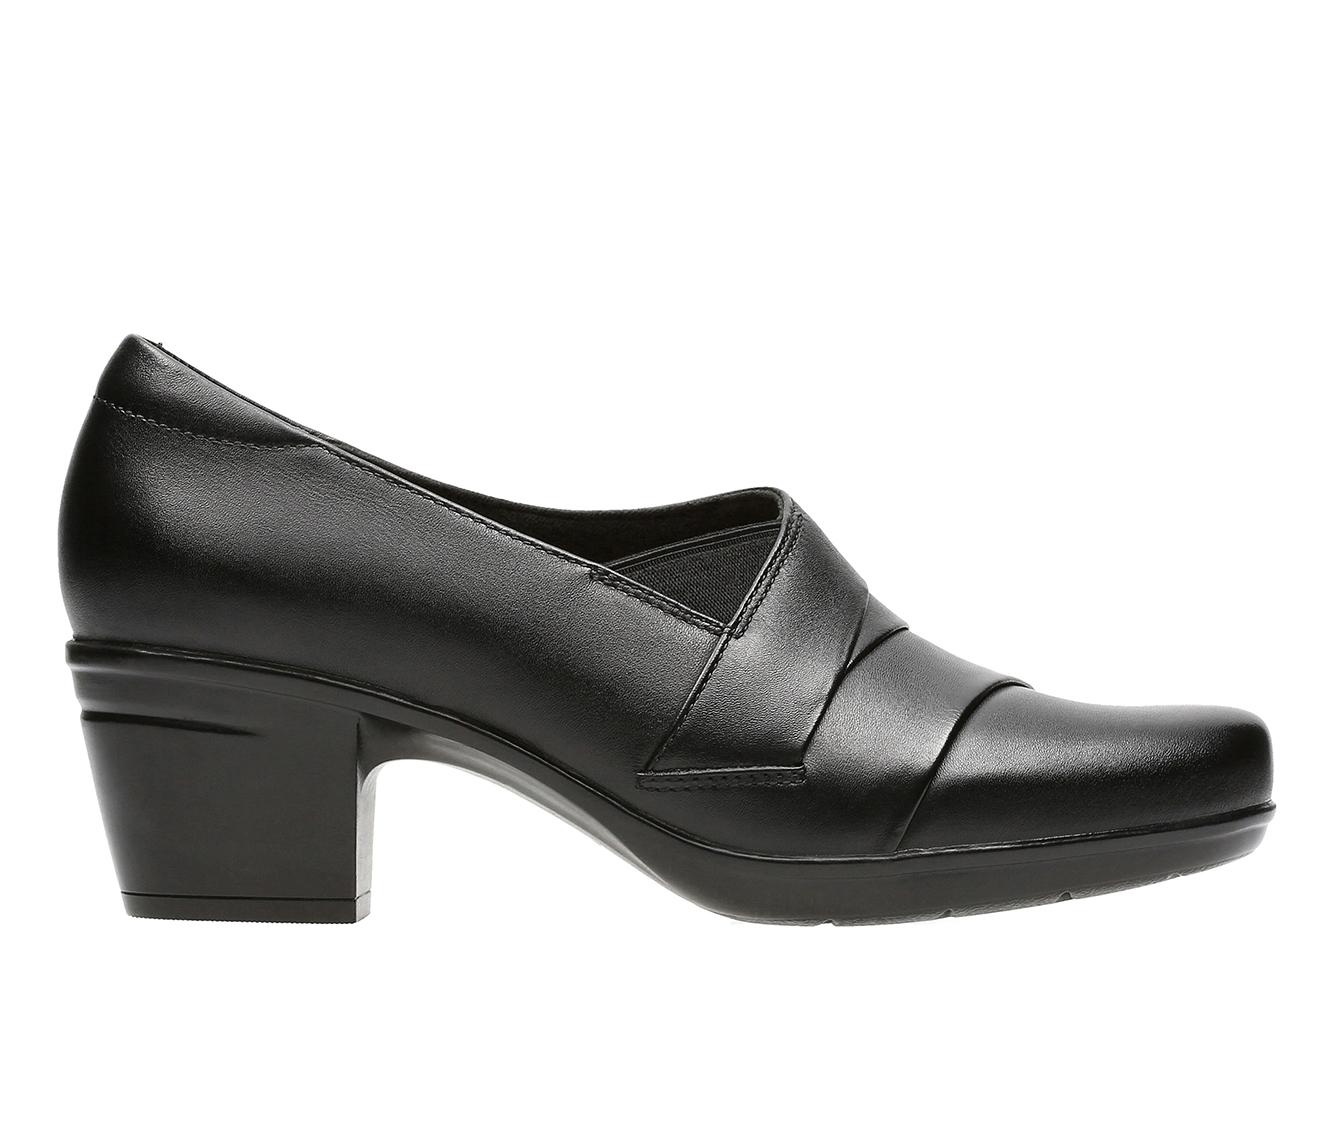 Clarks Emslie Warbler Women's Shoe (Black Leather)